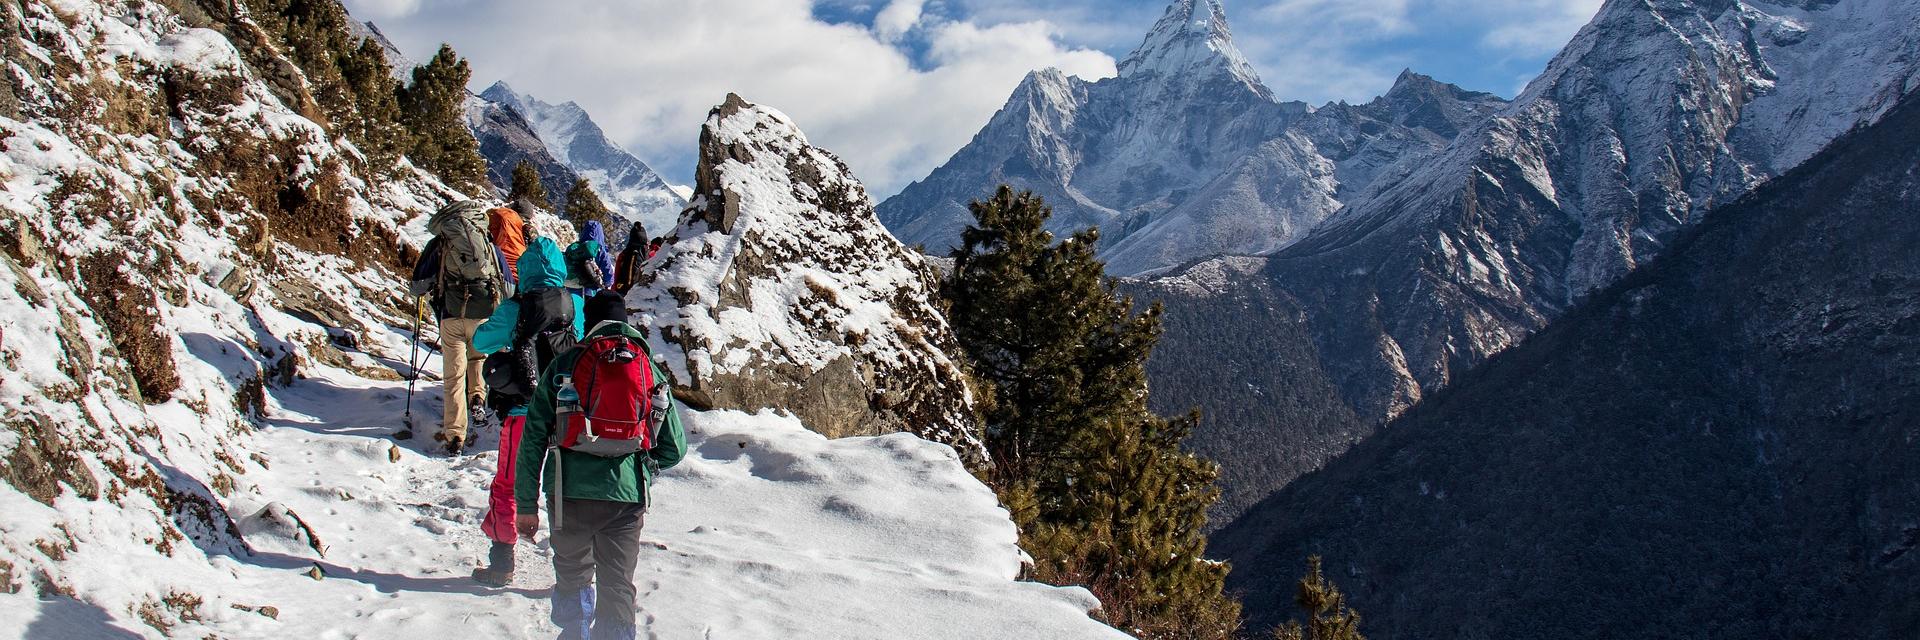 https://gody.vn/blog/bambi.chau22117889/post/nepal-thong-bao-ve-viec-tam-dung-cap-visa-on-arival-cho-5-quoc-gia-bi-chiu-anh-huong-cua-covid-19-6432